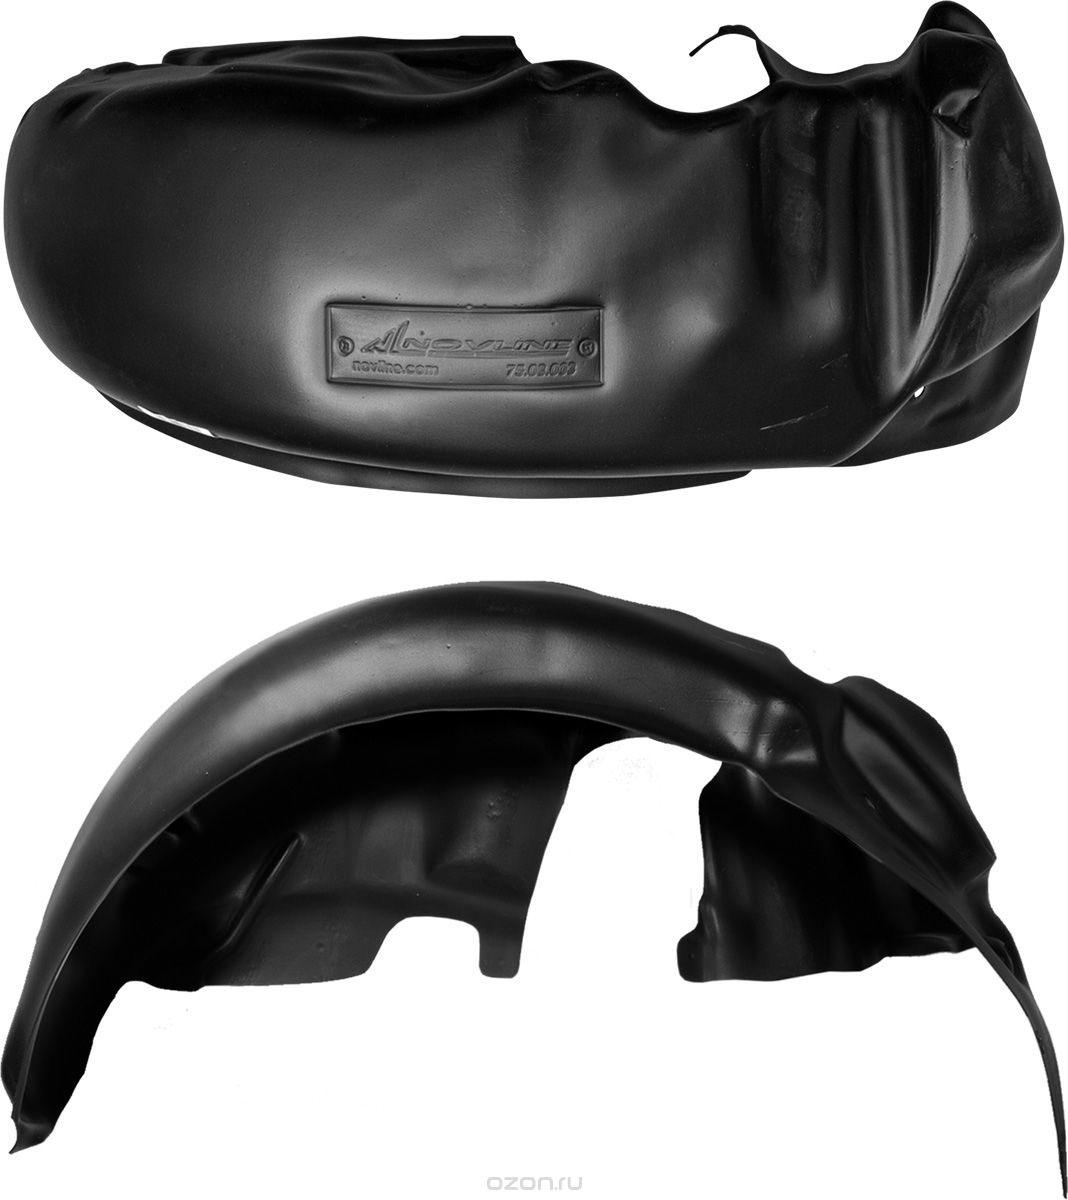 Подкрылок Novline-Autofamily, для Нива 4х4, 2009->, задний левыйNLL.52.20.003Идеальная защита колесной ниши. Локеры разработаны с применением цифровых технологий, гарантируют максимальную повторяемость поверхности арки. Изделия устанавливаются без нарушения лакокрасочного покрытия автомобиля, каждый подкрылок комплектуется крепежом. Уважаемые клиенты, обращаем ваше внимание, что фотографии на подкрылки универсальные и не отражают реальную форму изделия. При этом само изделие идет точно под размер указанного автомобиля.